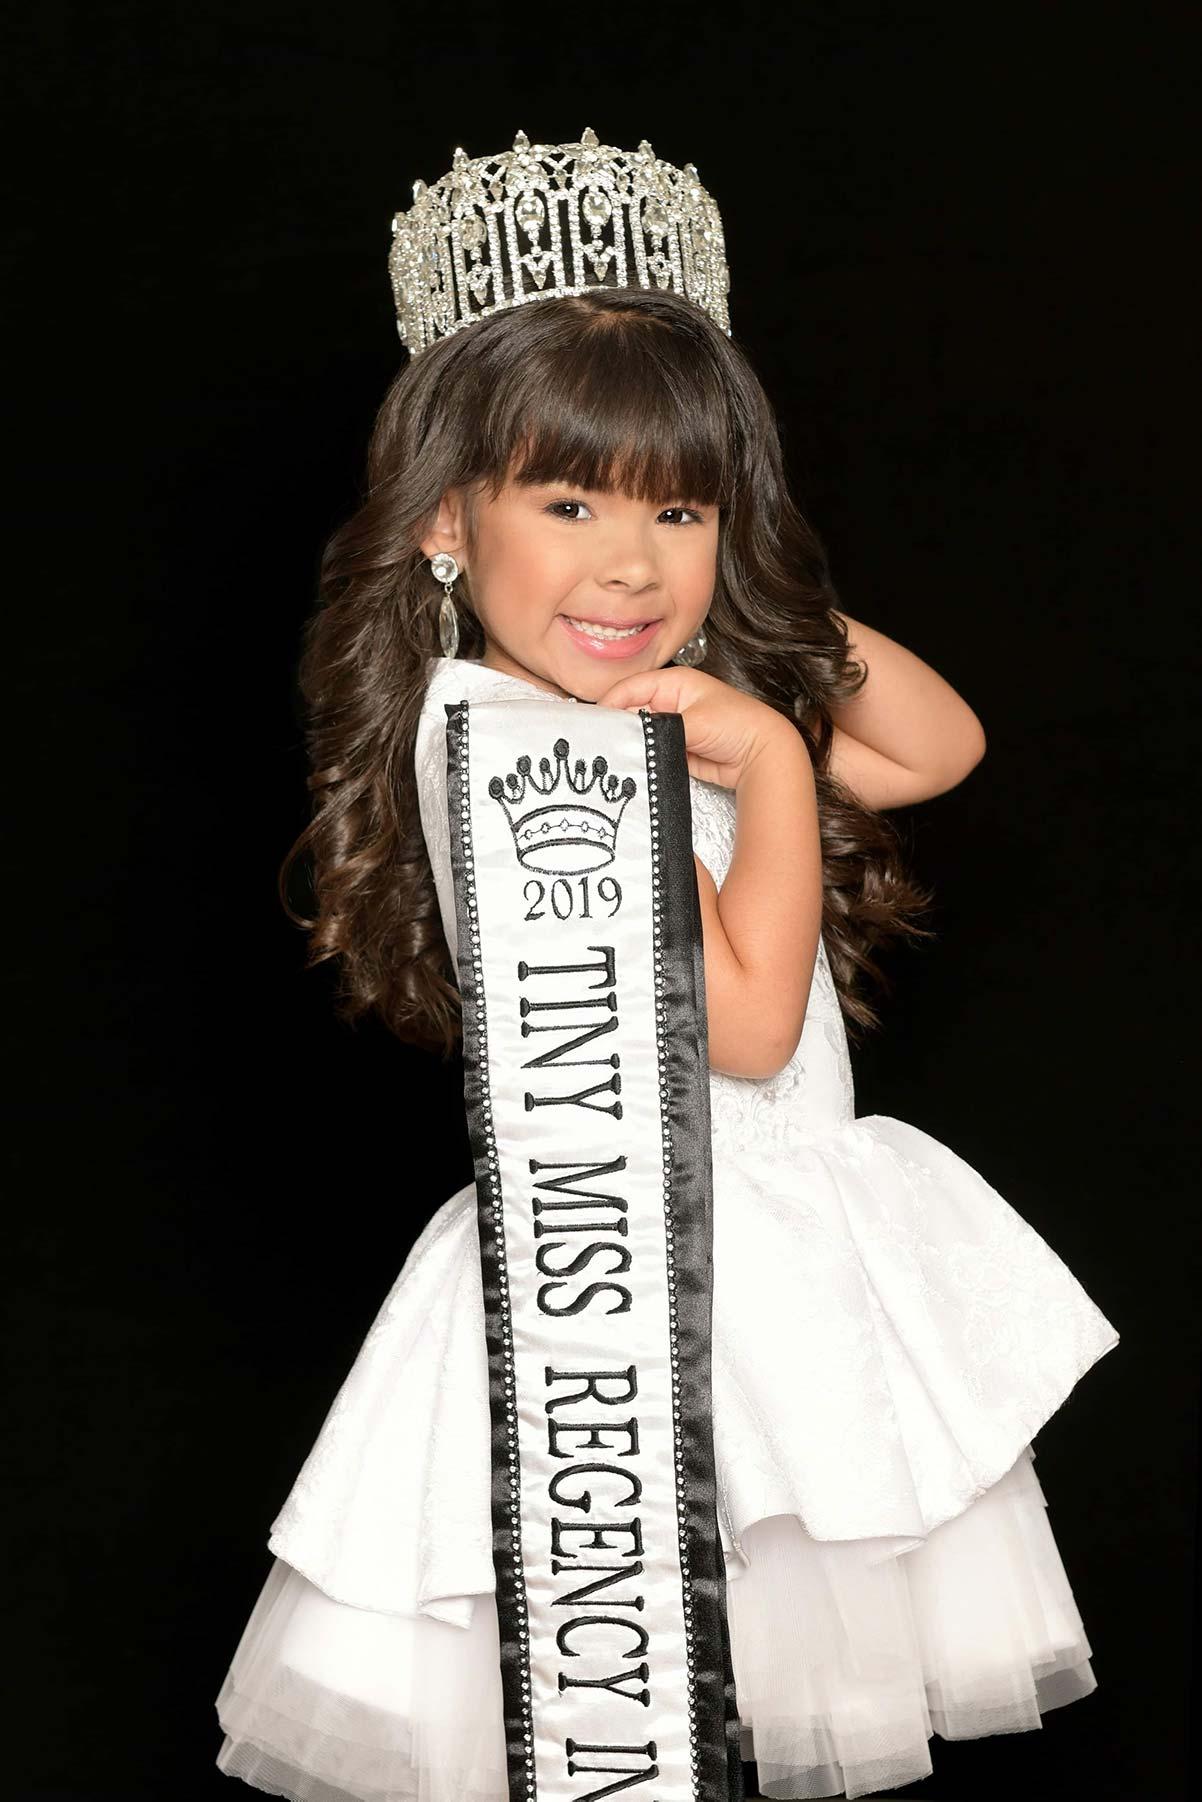 Tiny Miss Regency International 2019 -2020 Dahlia Schwartz